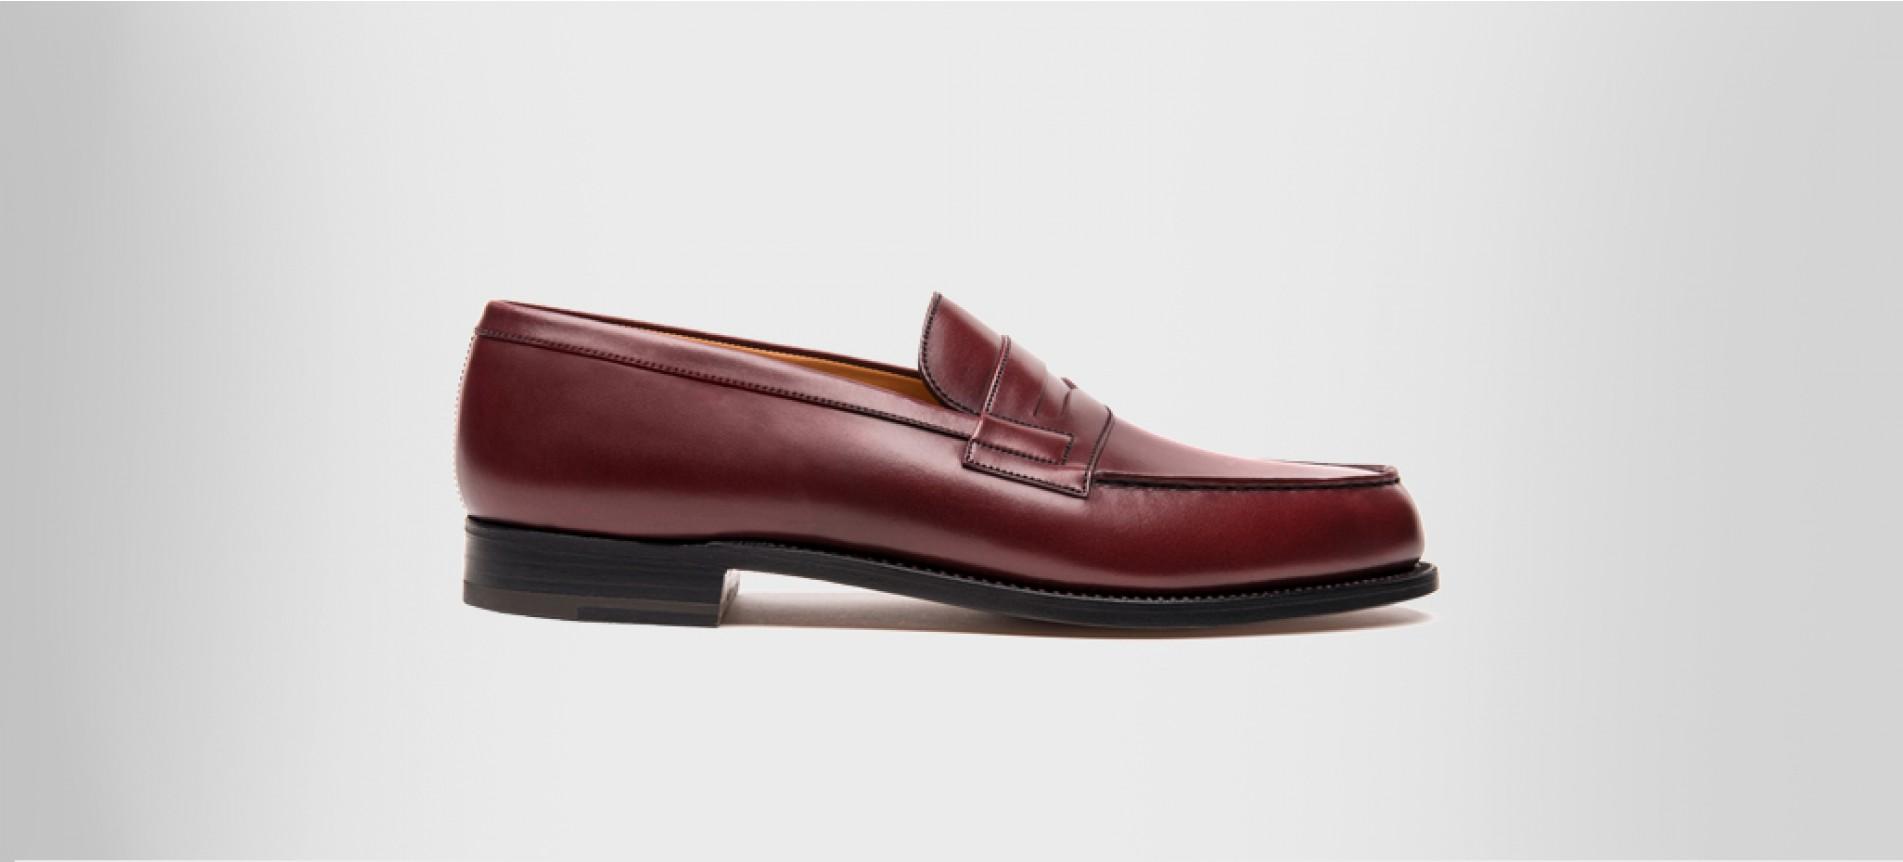 acheter populaire vente la plus chaude france pas cher vente Mocassin 180 Toucan burgundy boxcalf - Loafers J.M. Weston